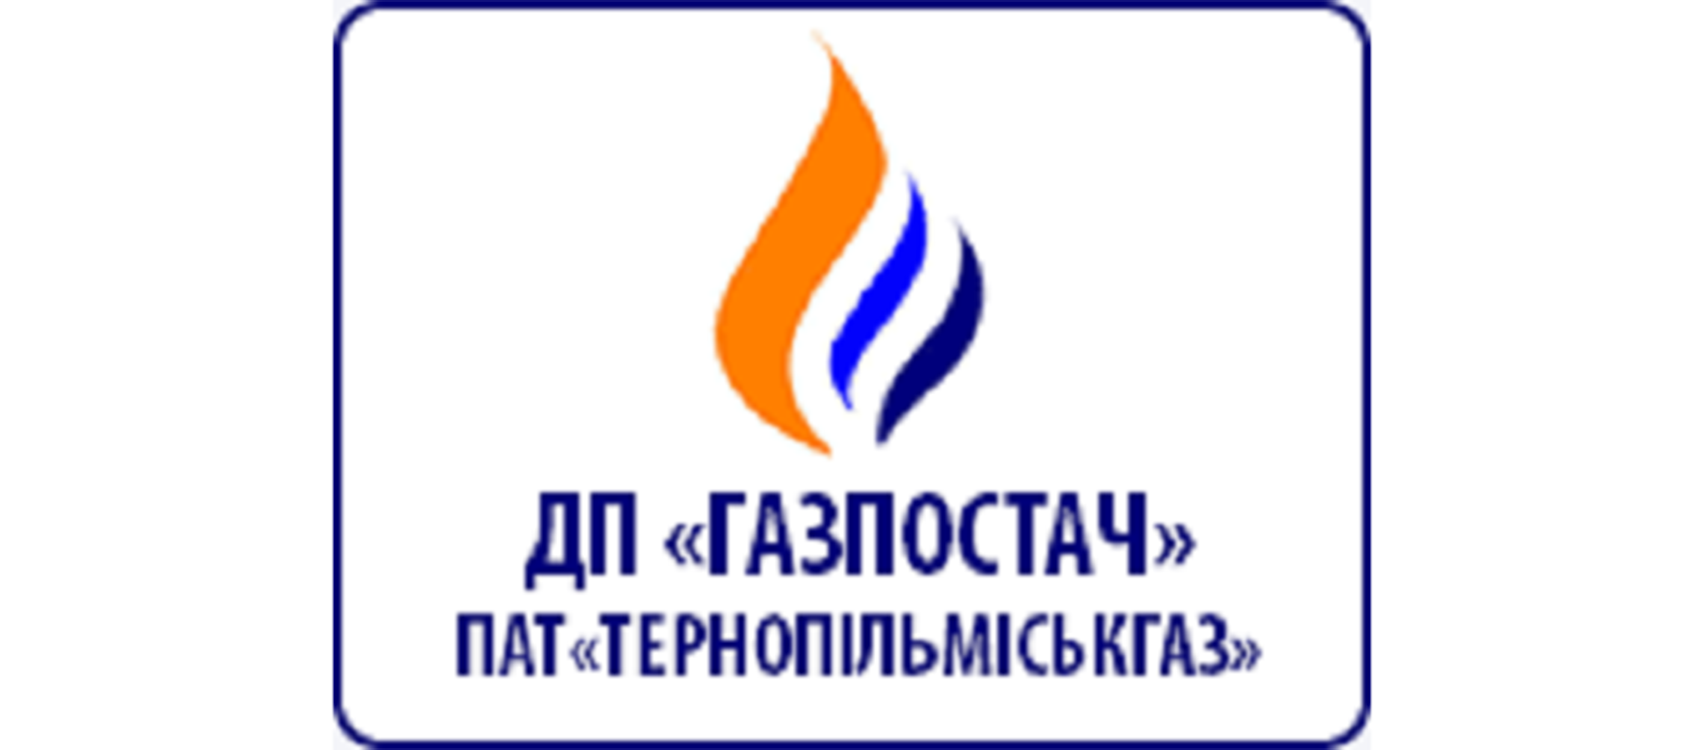 ДП Газпосттач ПАТ Тернопільміськгаз